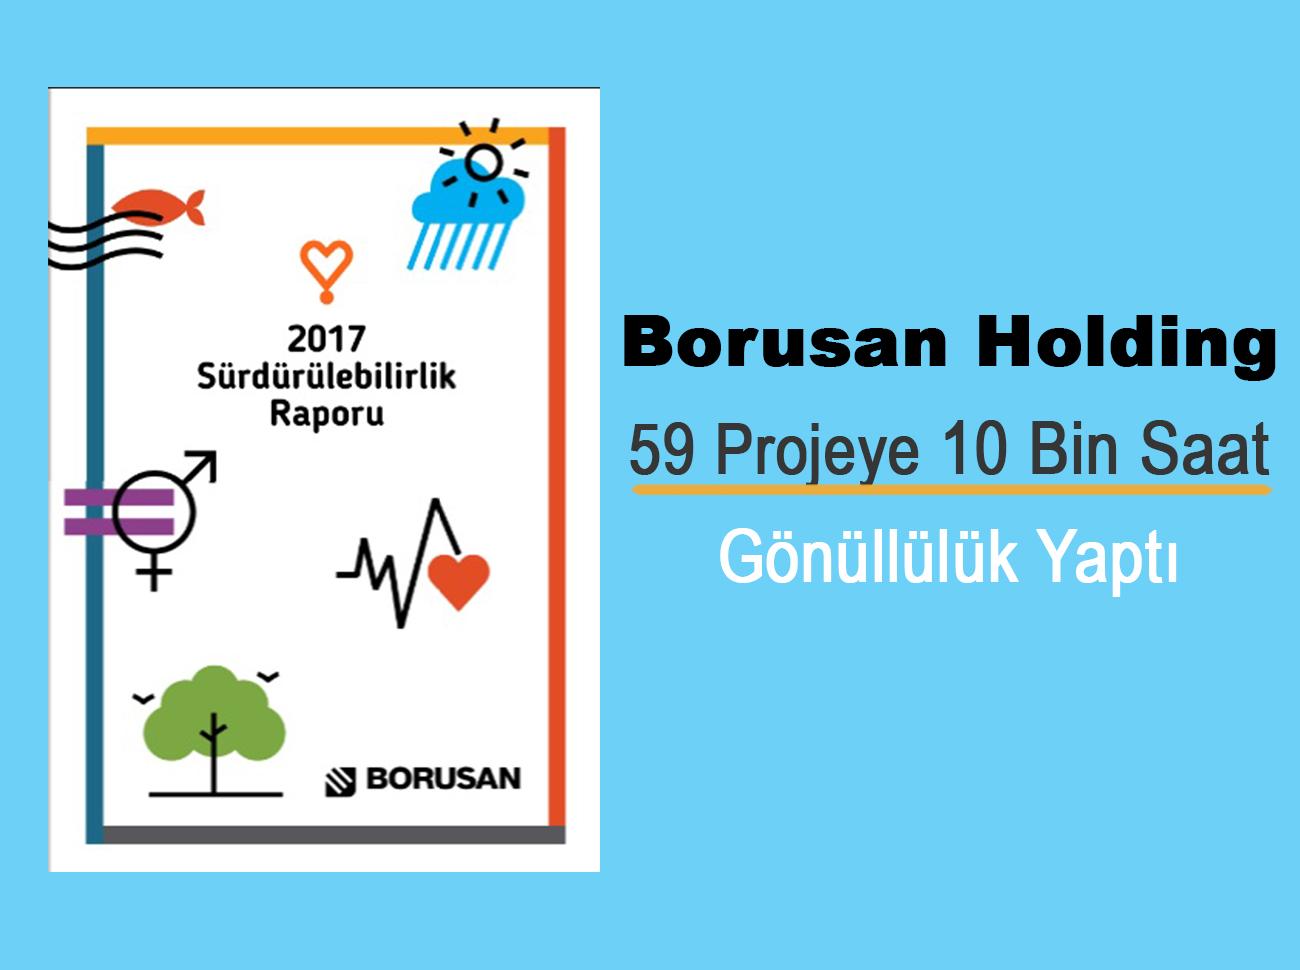 Borusan Holding 59 Projeye 10 Bin Saat Gönüllülük Yaptı